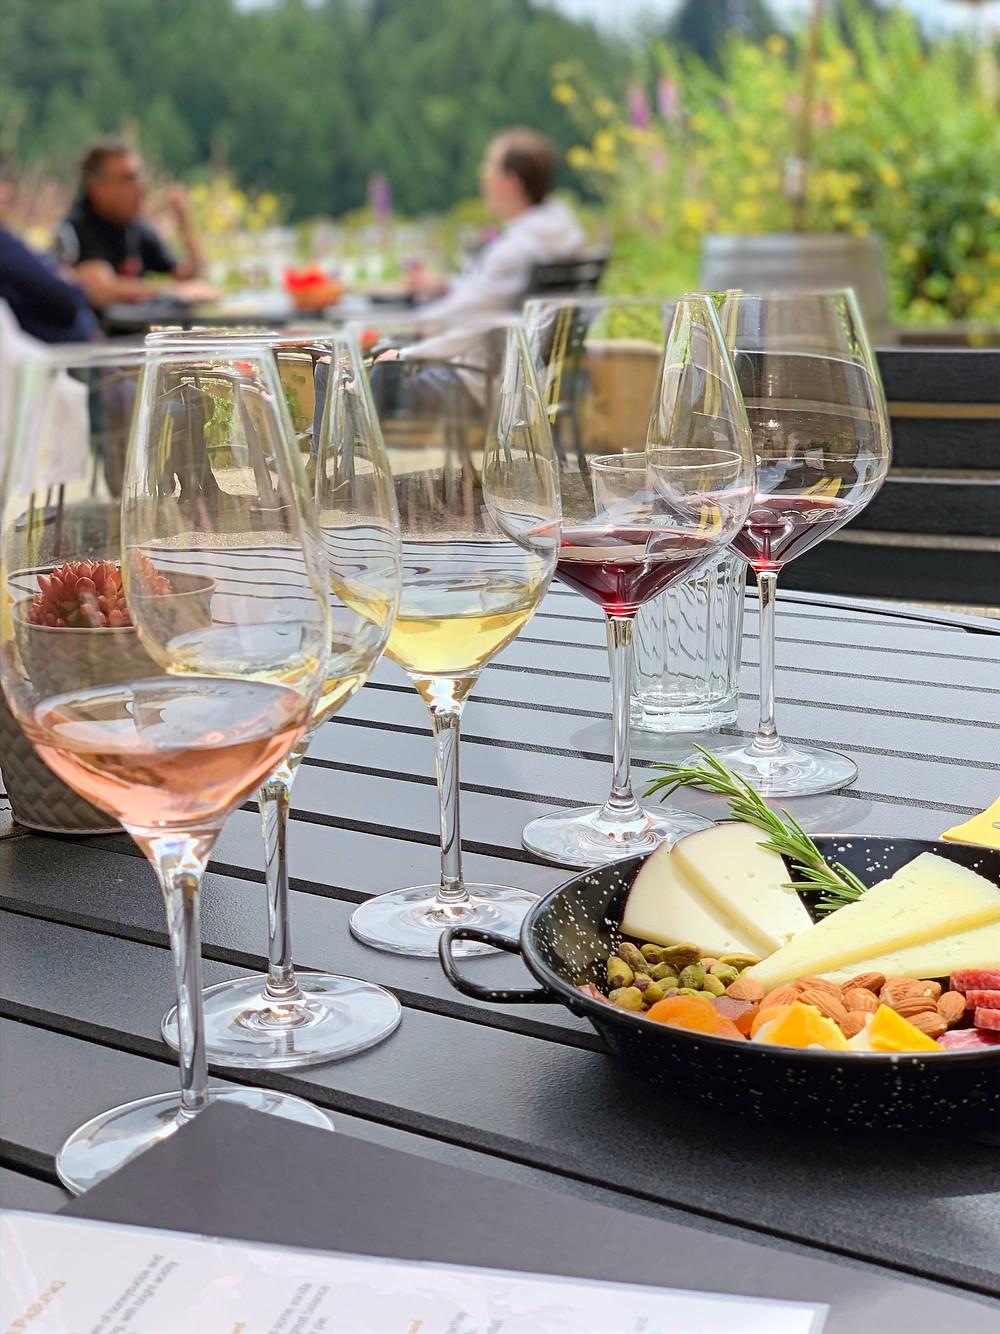 Tapas and wine flight at Marimar Estate Winery in Sebastopol, California